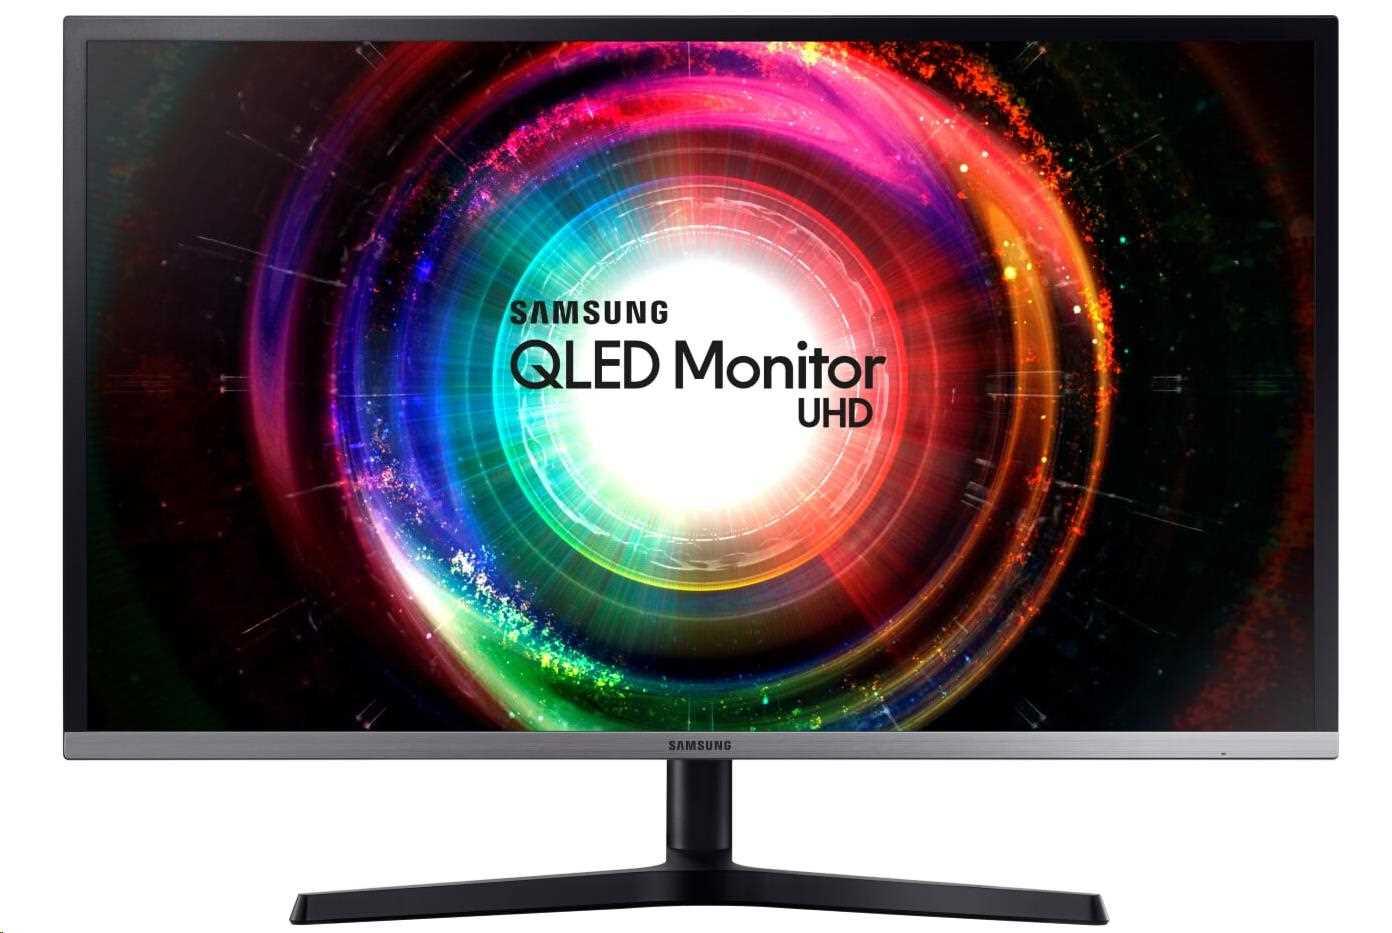 """Samsung MT LCD 32"""" U32H850 - UHD 2xHDMI, 4ms, USB Hub, Quantum Dot, 16:9 (LU32H850UMUXEN)"""